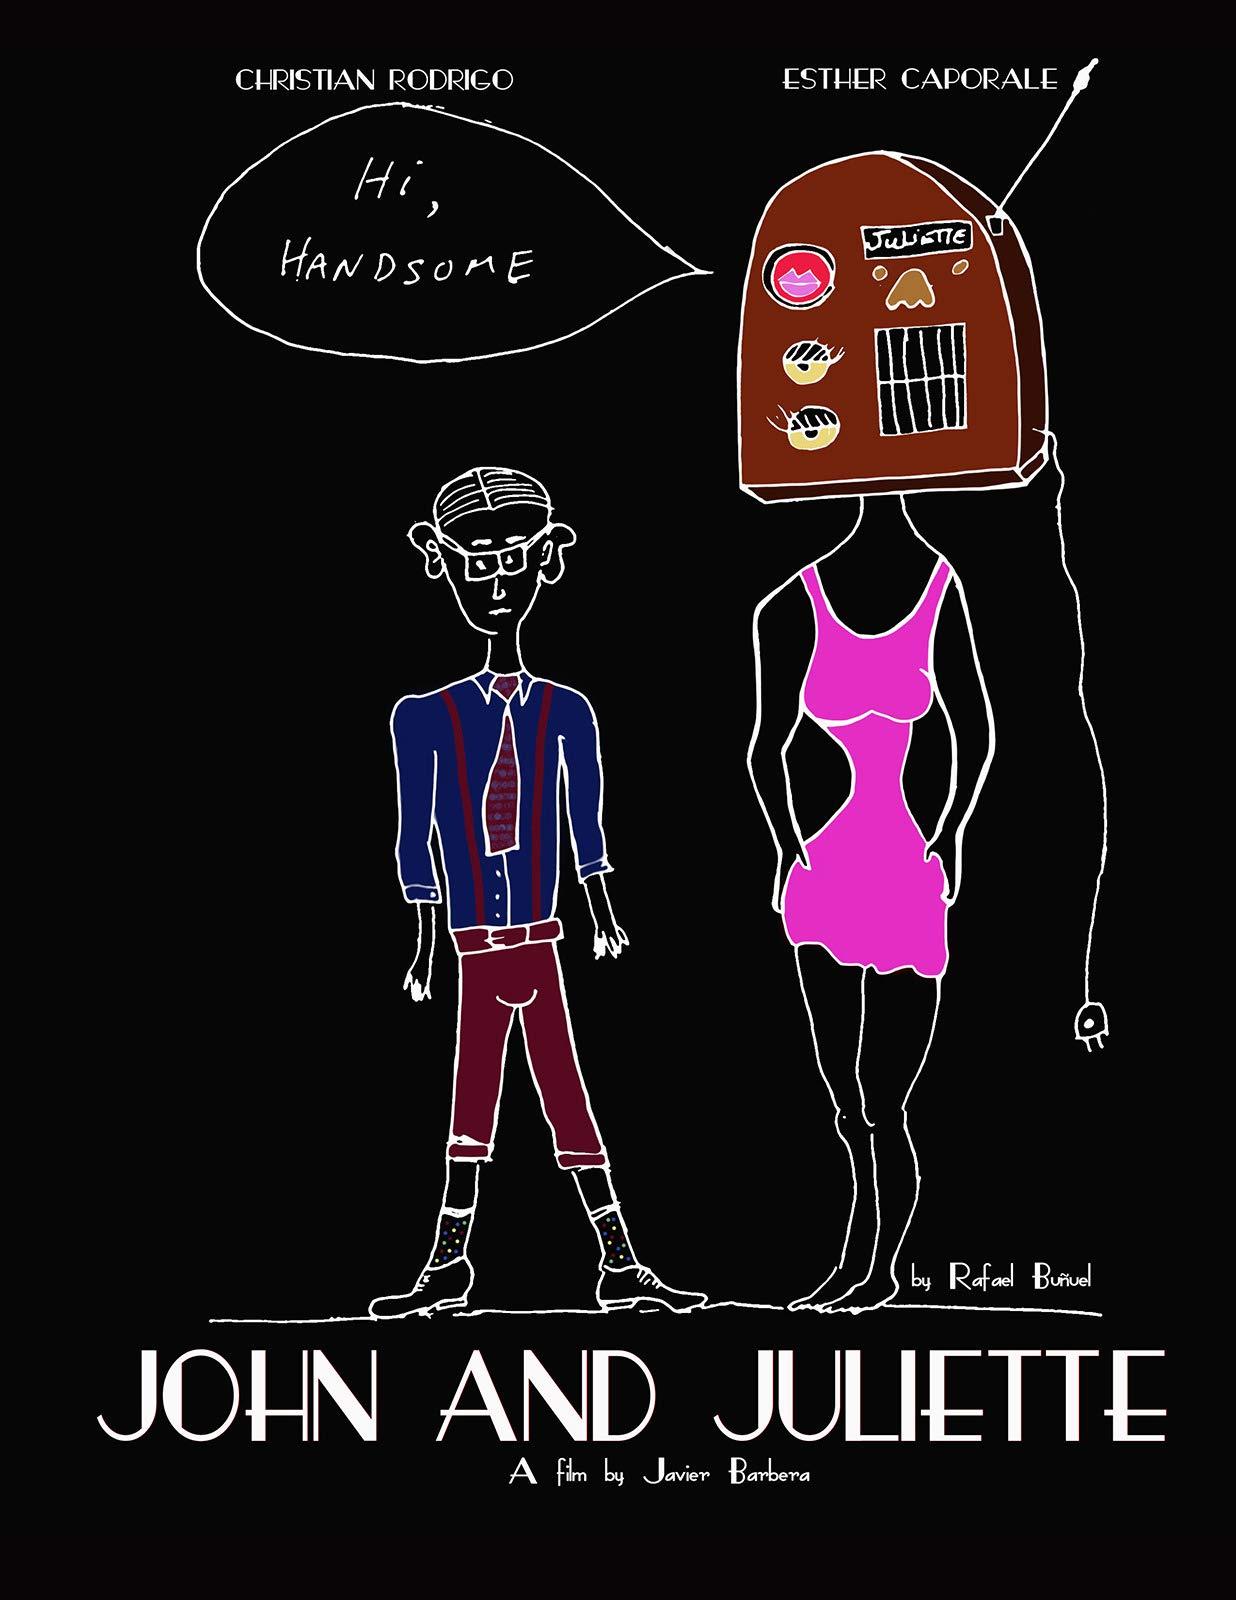 John and Juliette